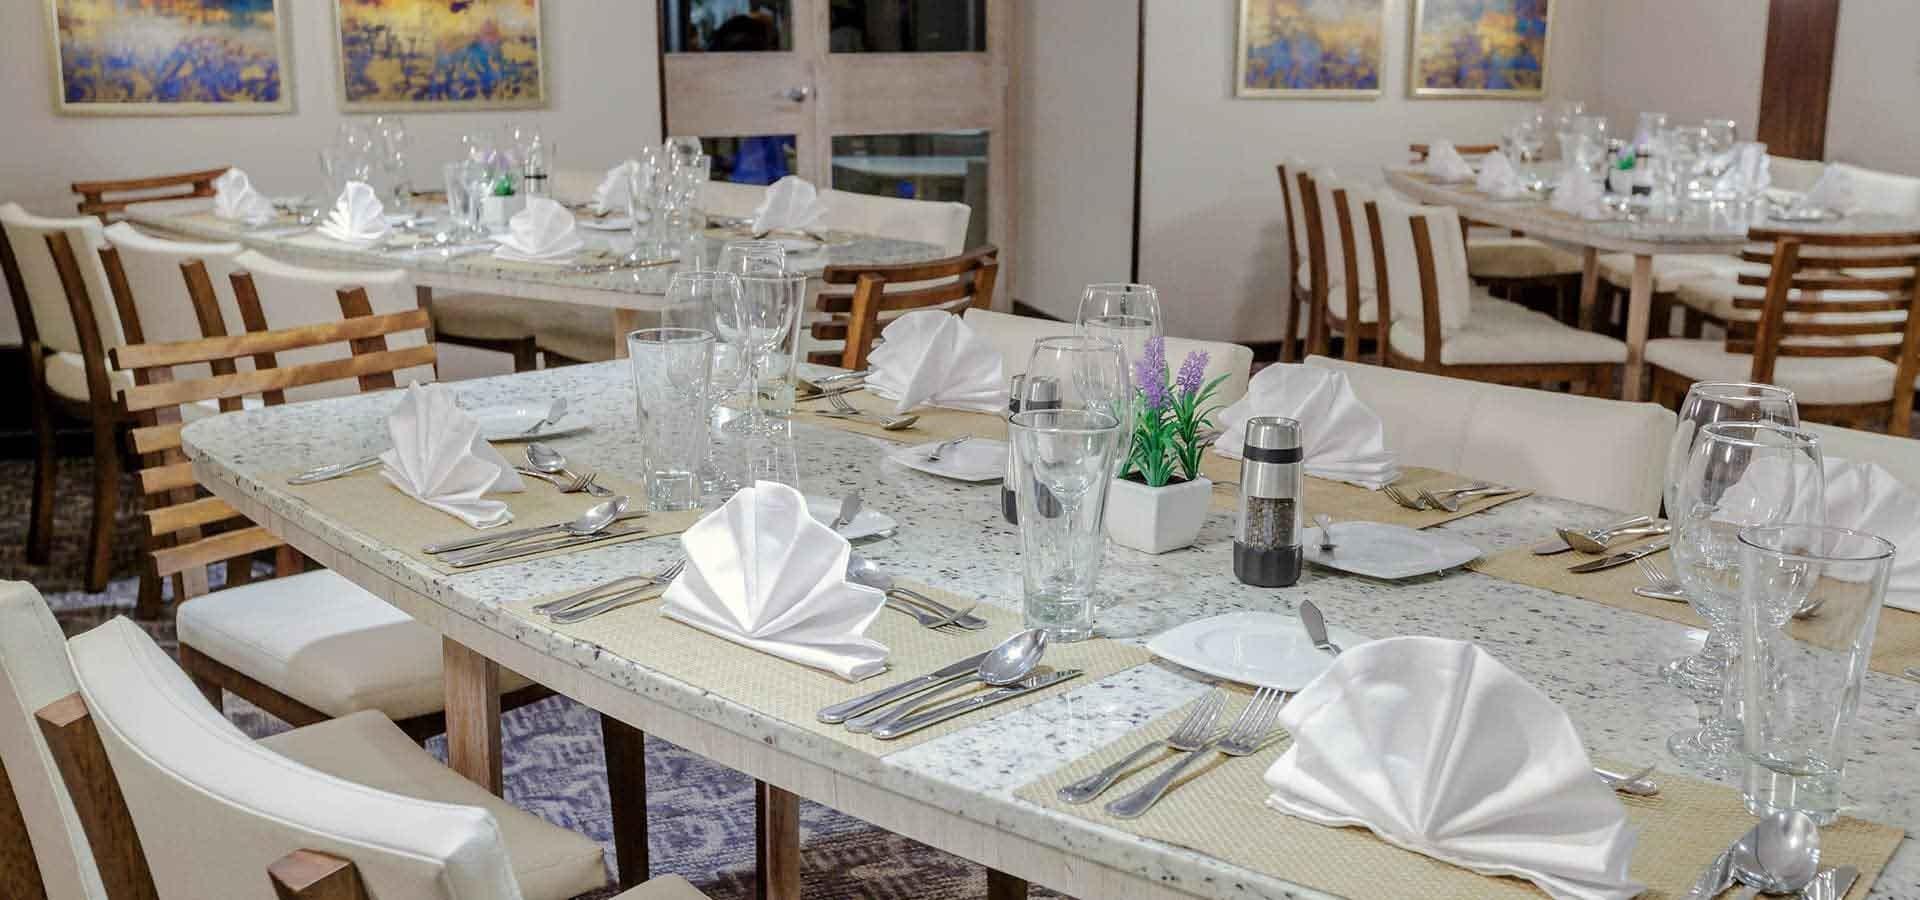 Dining room evolution